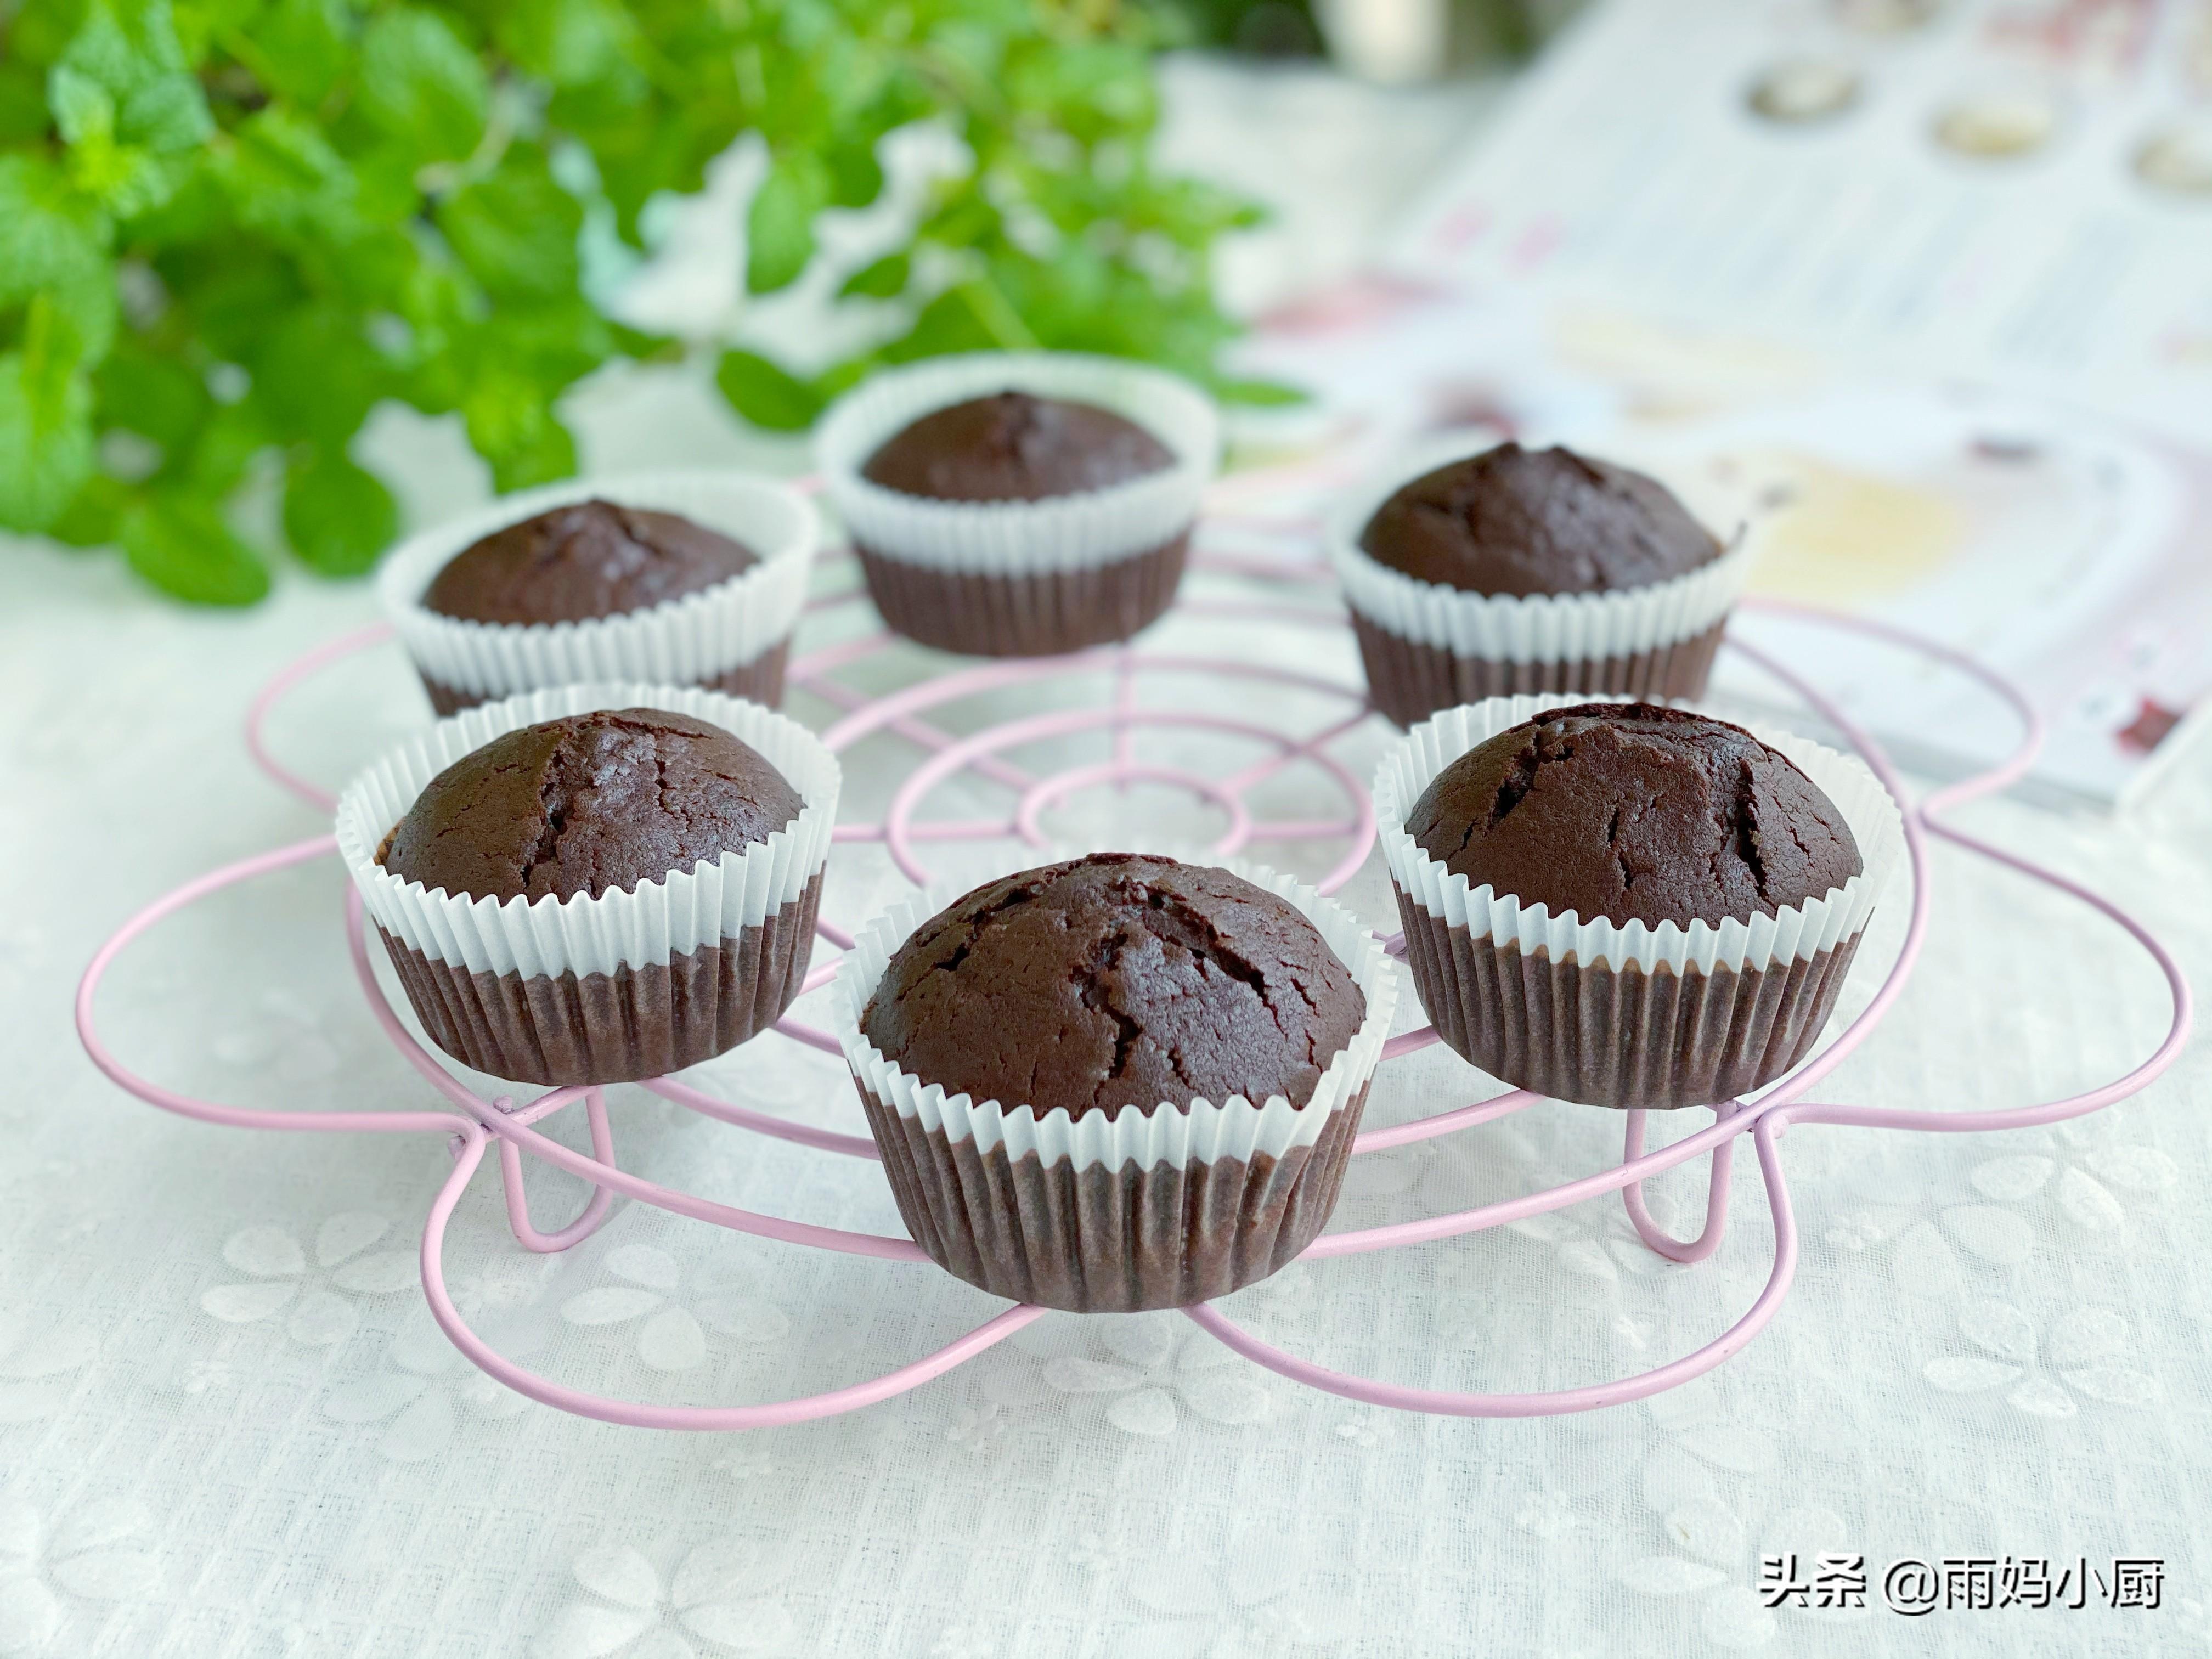 分享一款适合新手的小蛋糕,香味浓郁又蓬松,搅一搅就能烤好